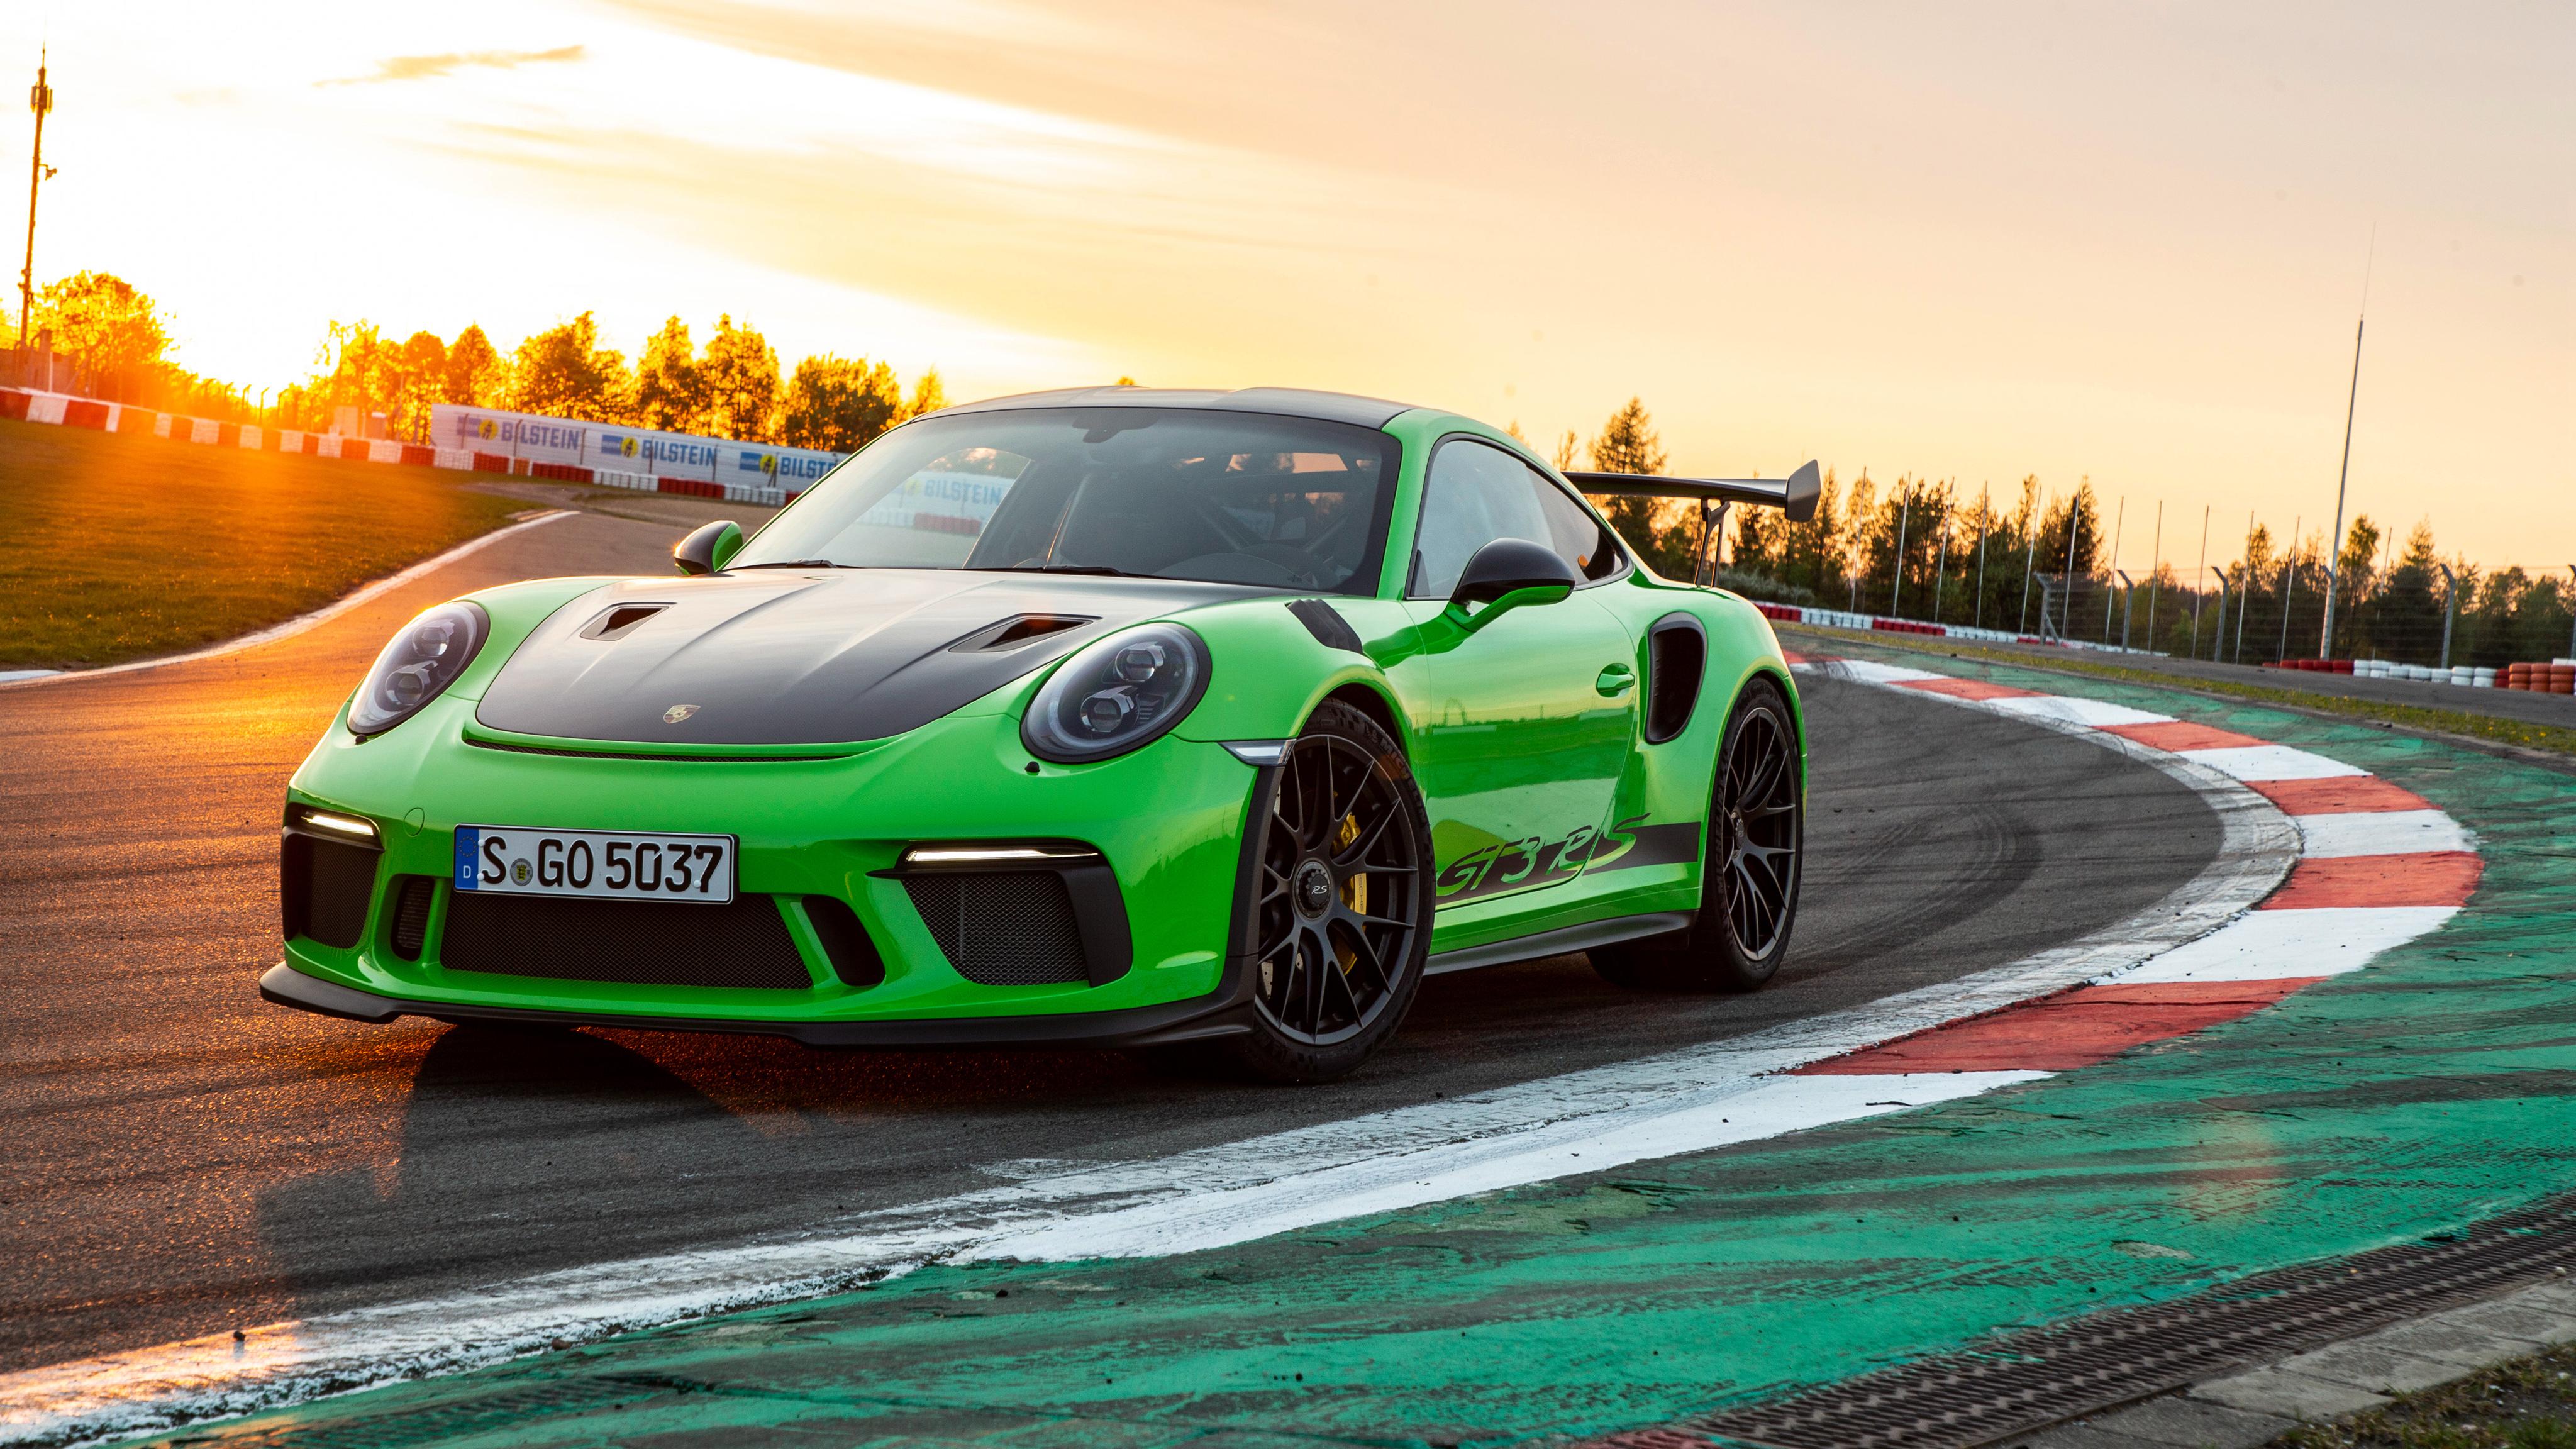 2018 Porsche 911 Gt3 Rs Weissach Package 4k Wallpaper Hd Car Wallpapers Id 10300